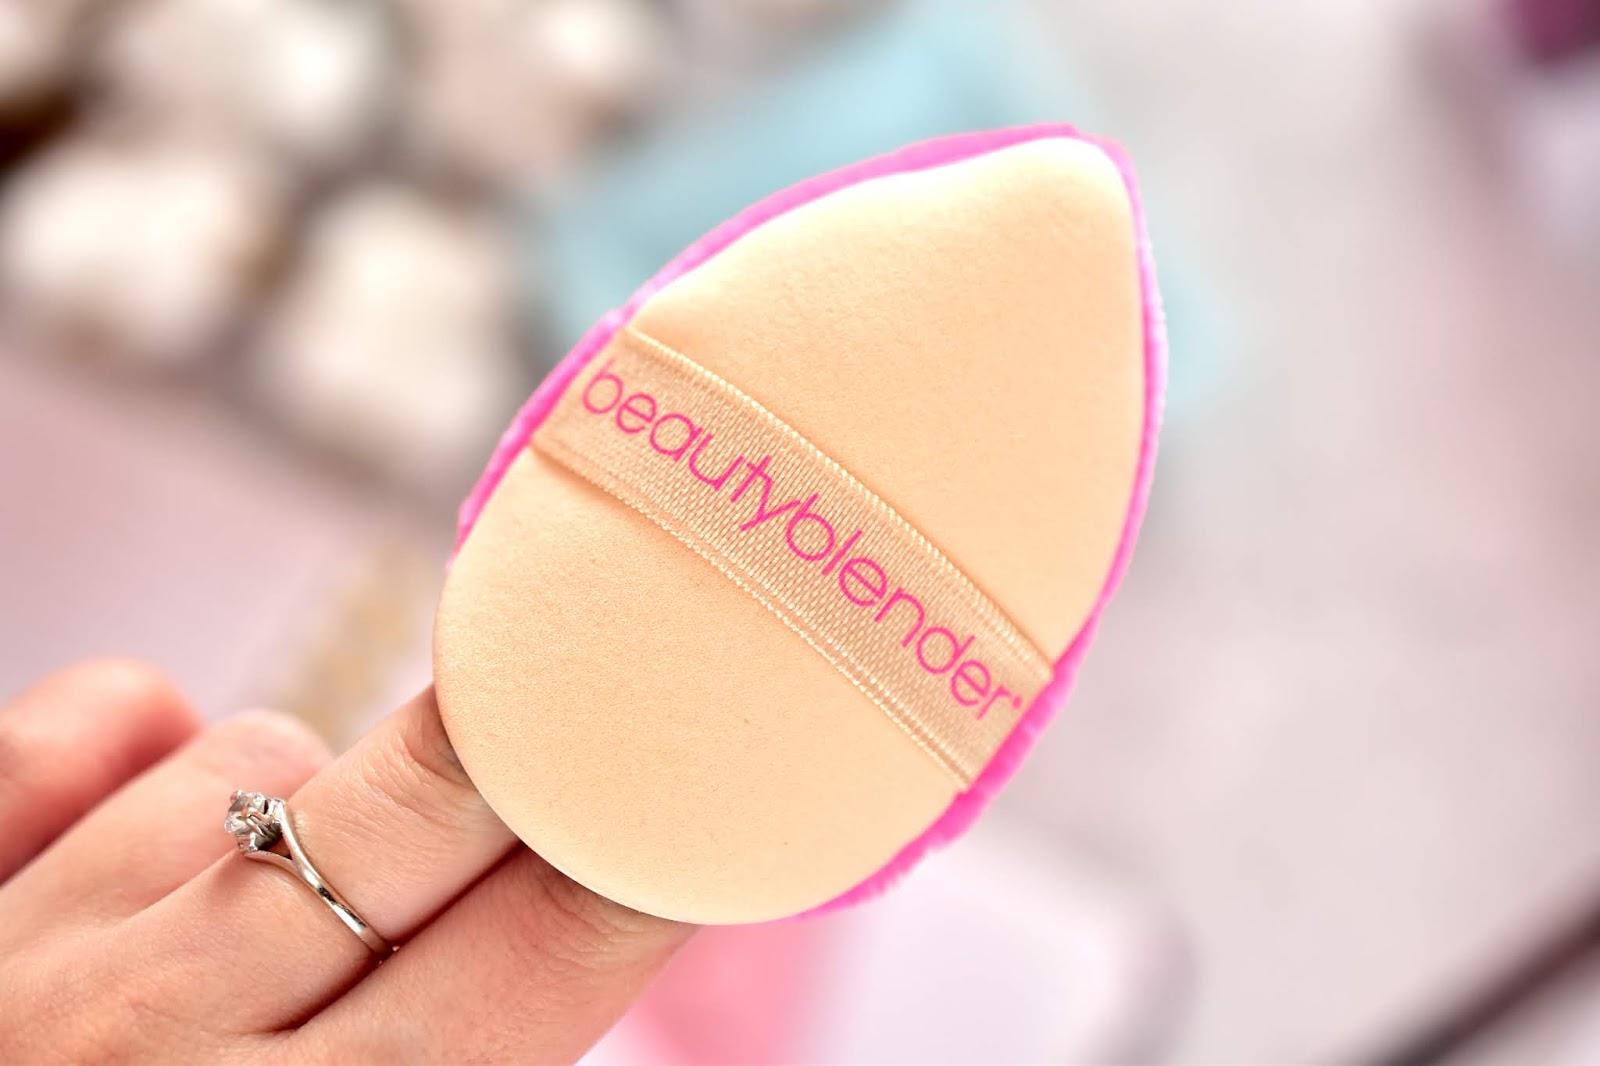 Beauty Blender Power Pocket Puff